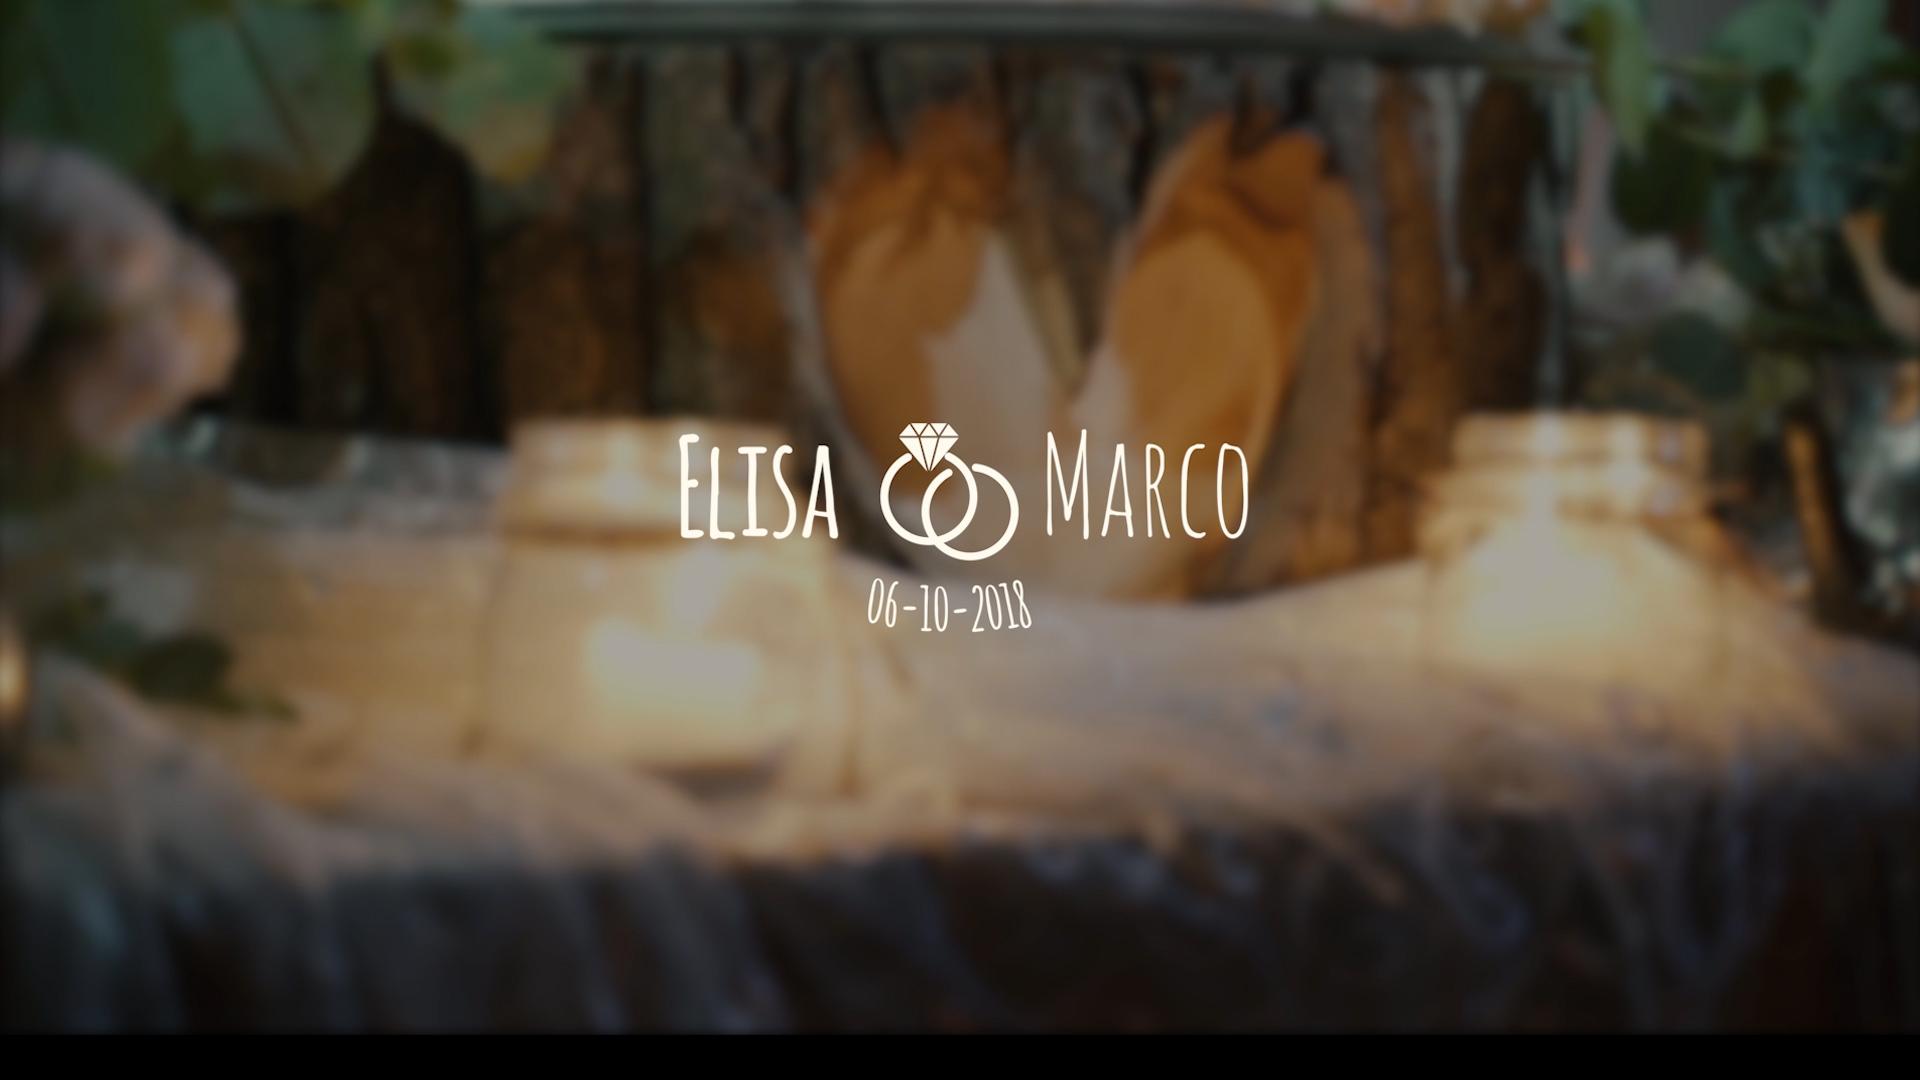 ELISA & MARCO